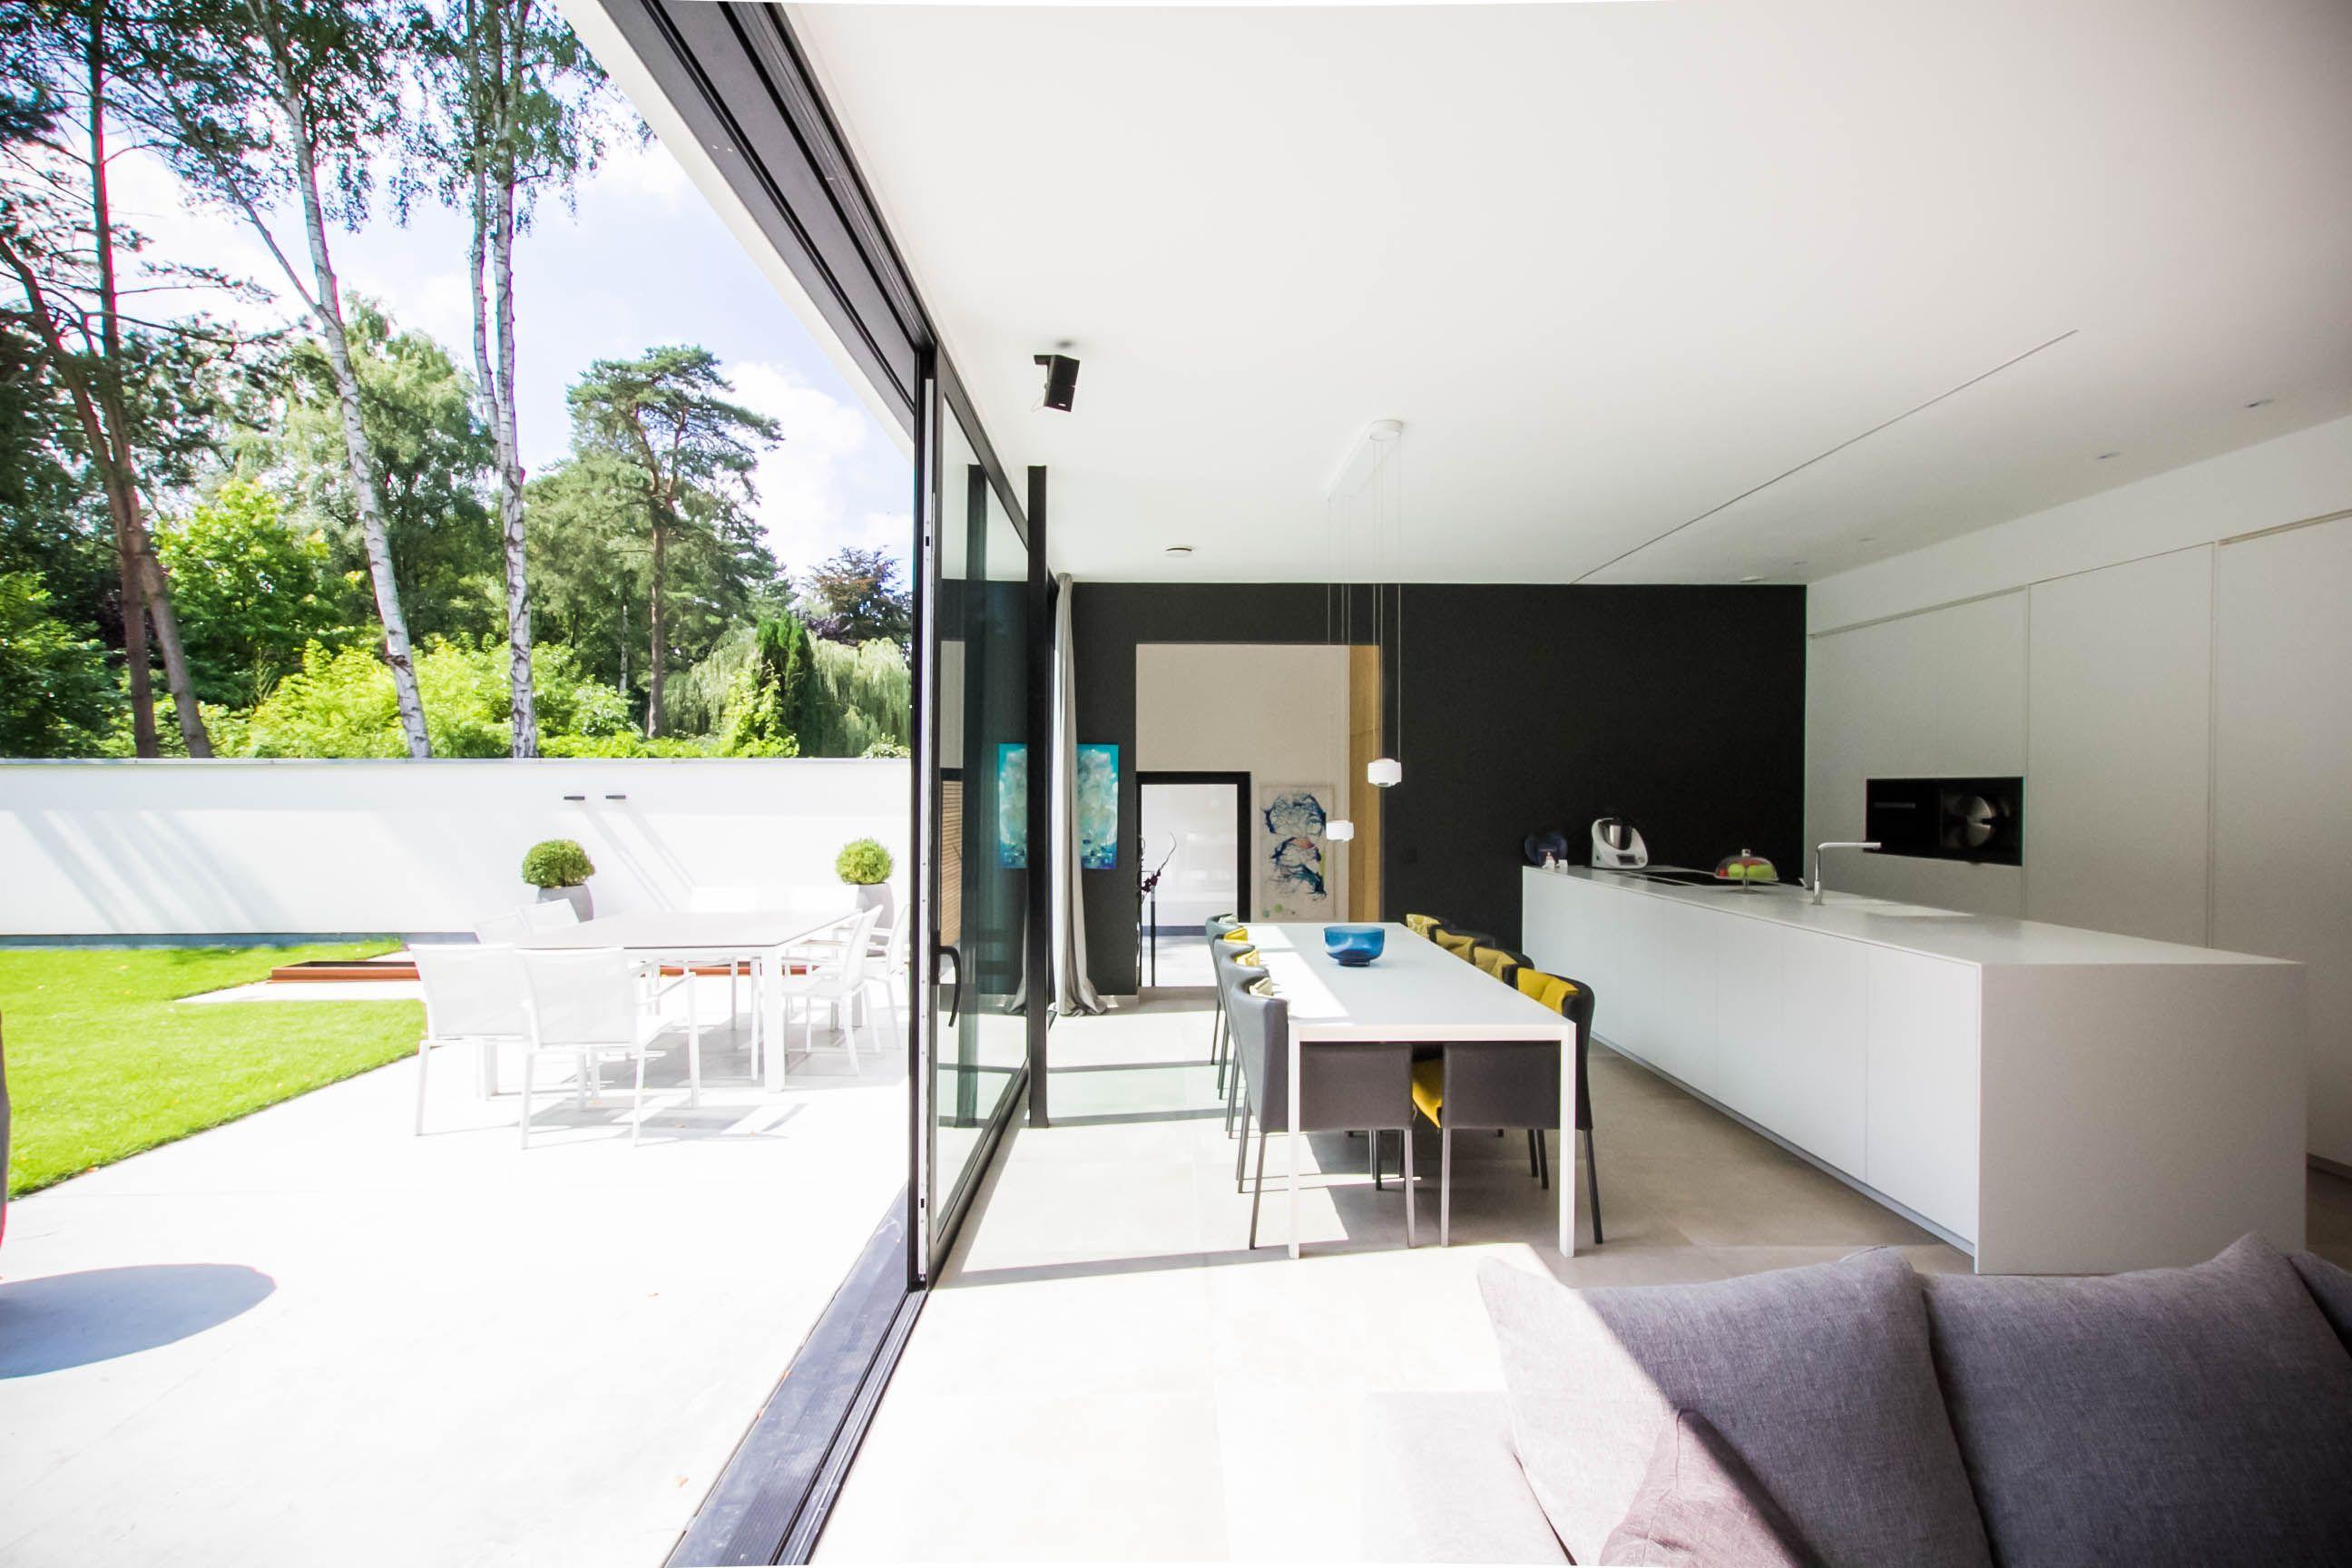 Open Keuken Ideeen : Interieur ideeen open keuken kleine prullenbak keuken idee voor